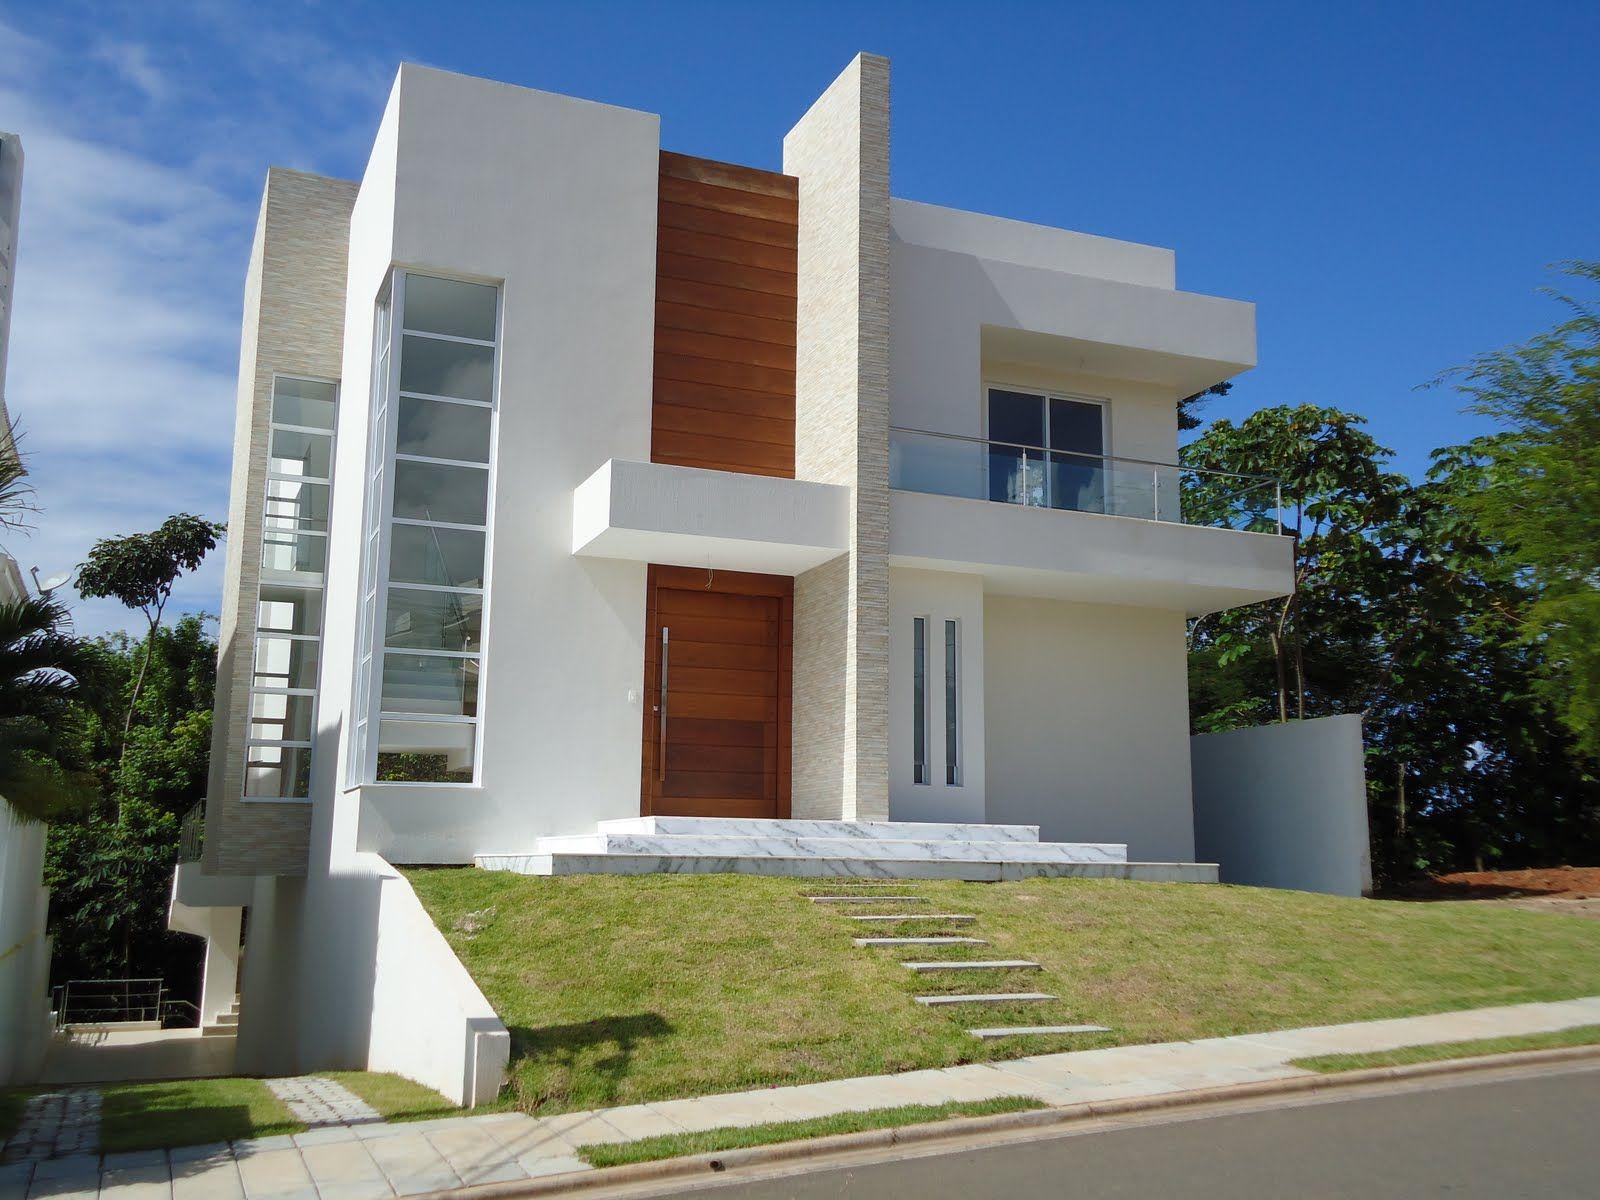 Épinglé par brunis homevor sur architecture moderne | pinterest